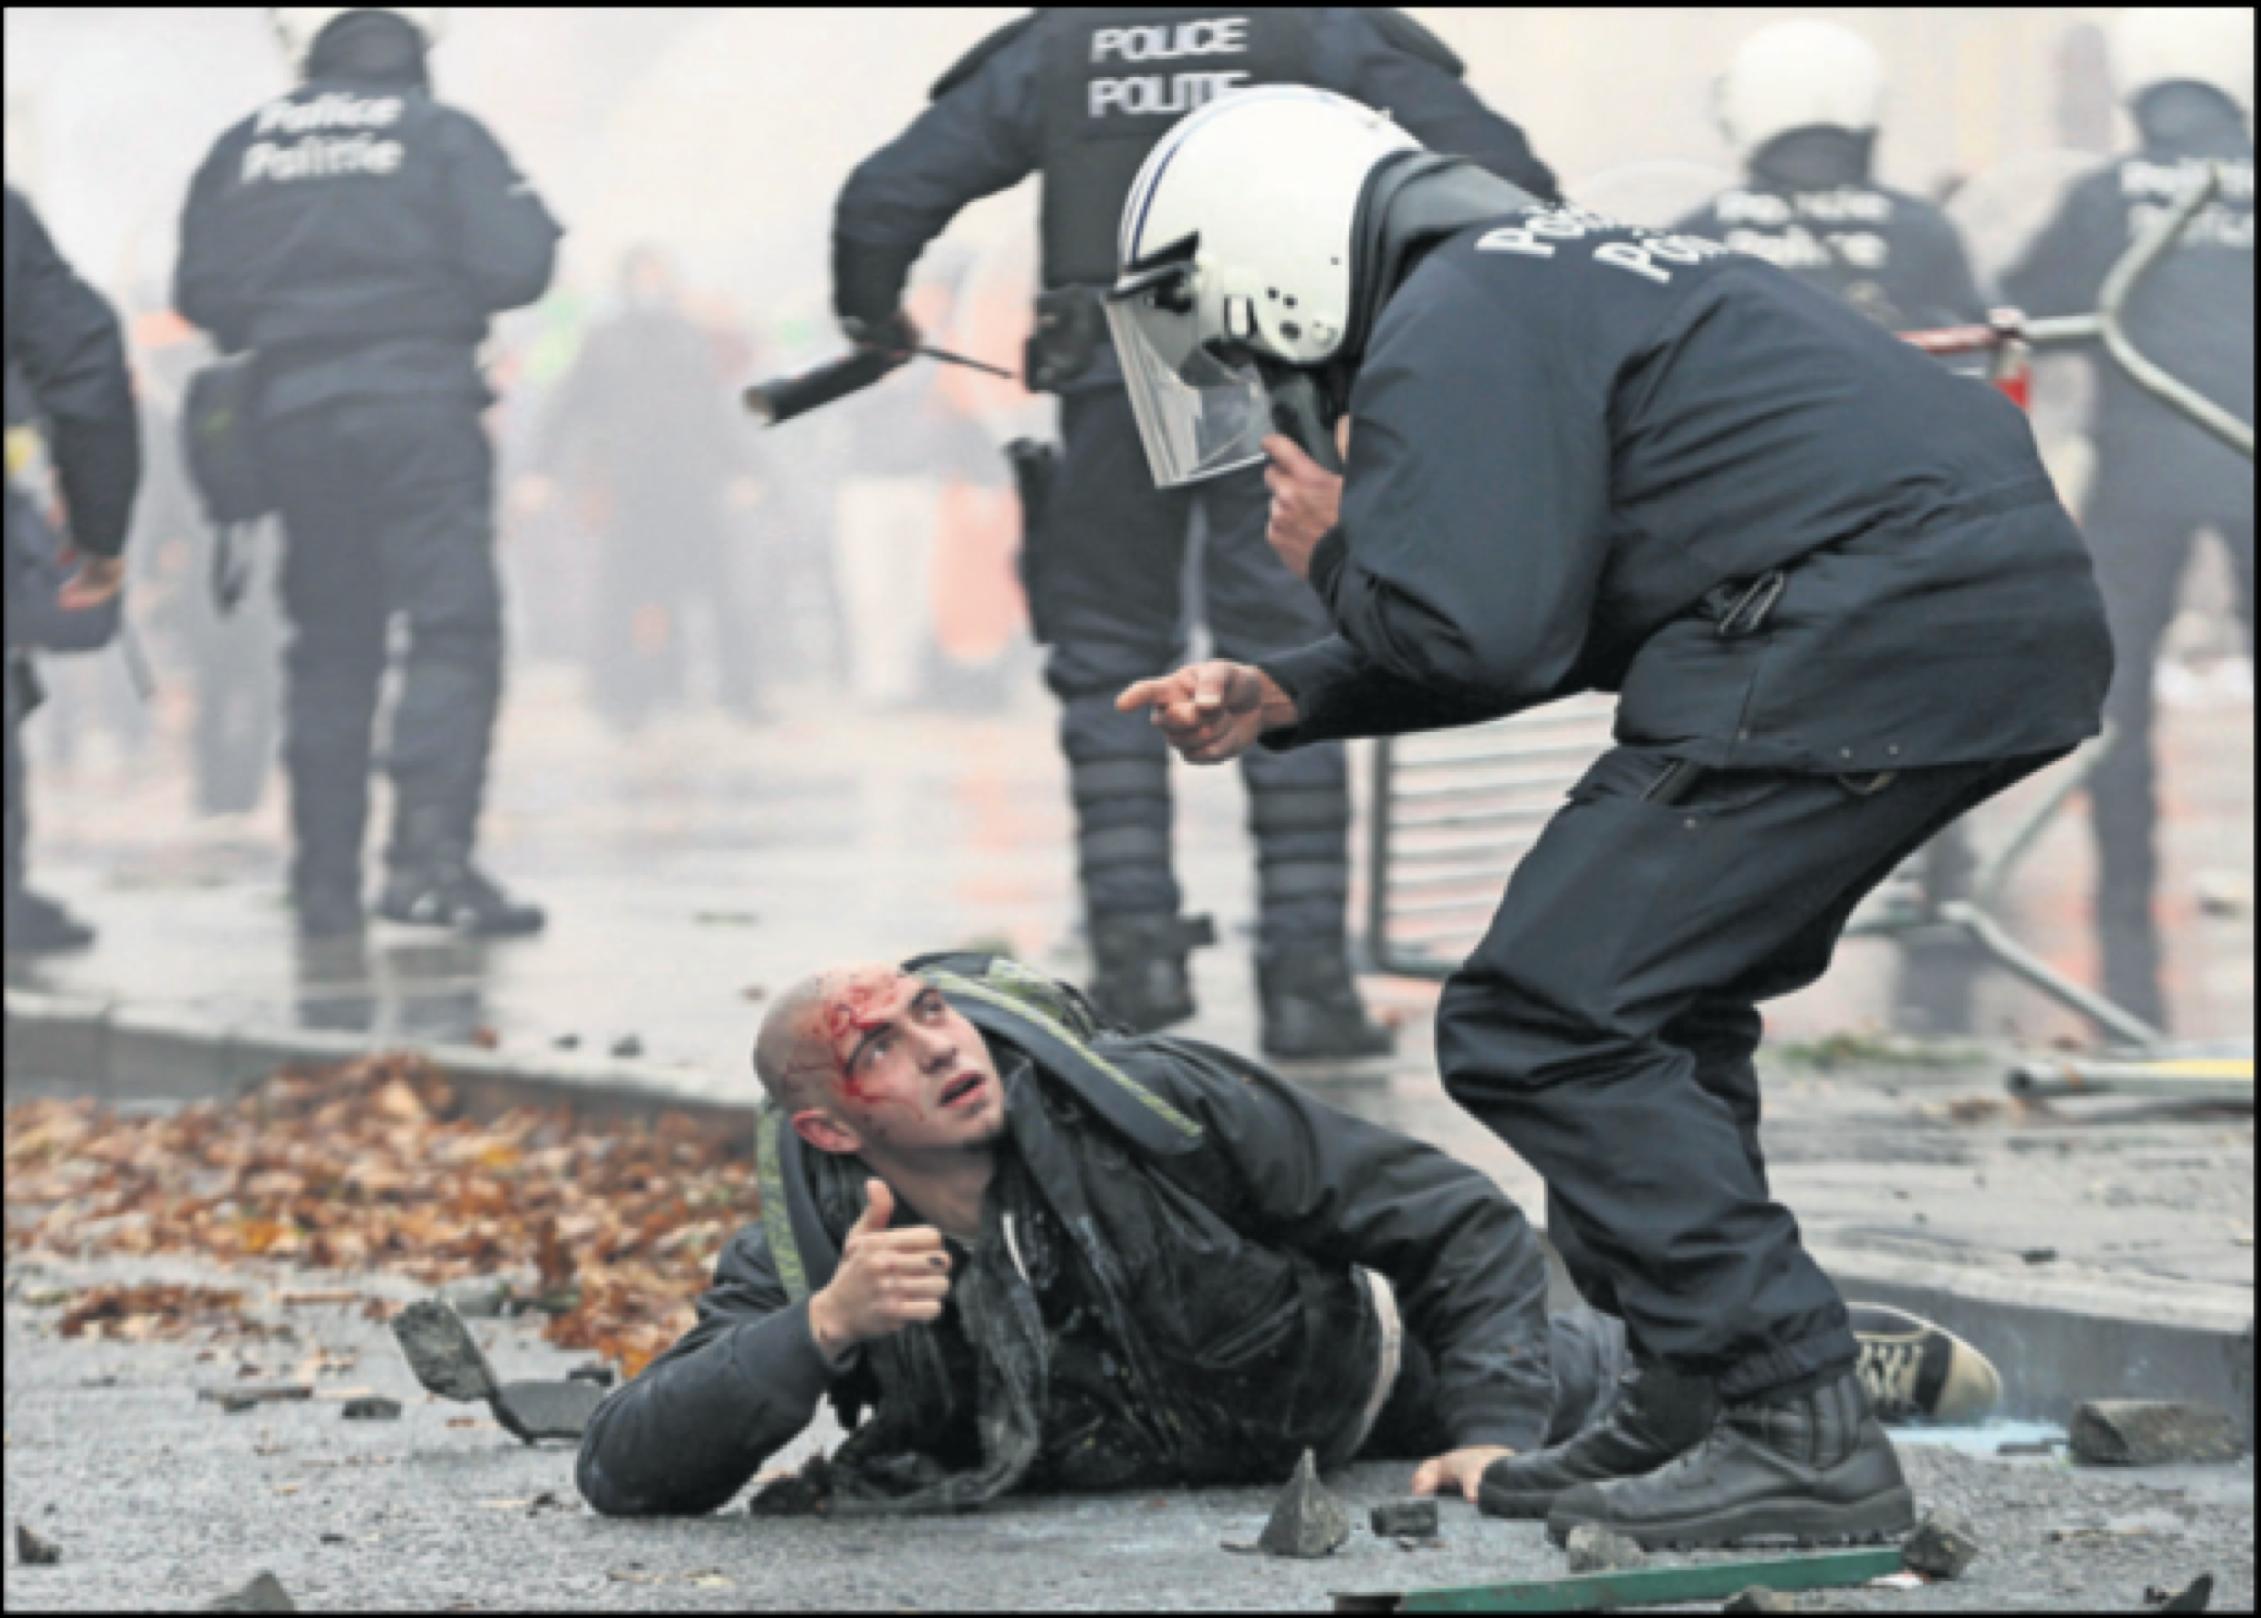 «Vers un modèle européen de gestion policière des foules protestataires?», par Olivier Fillieule, Pascal Viot et Gilles Descloux